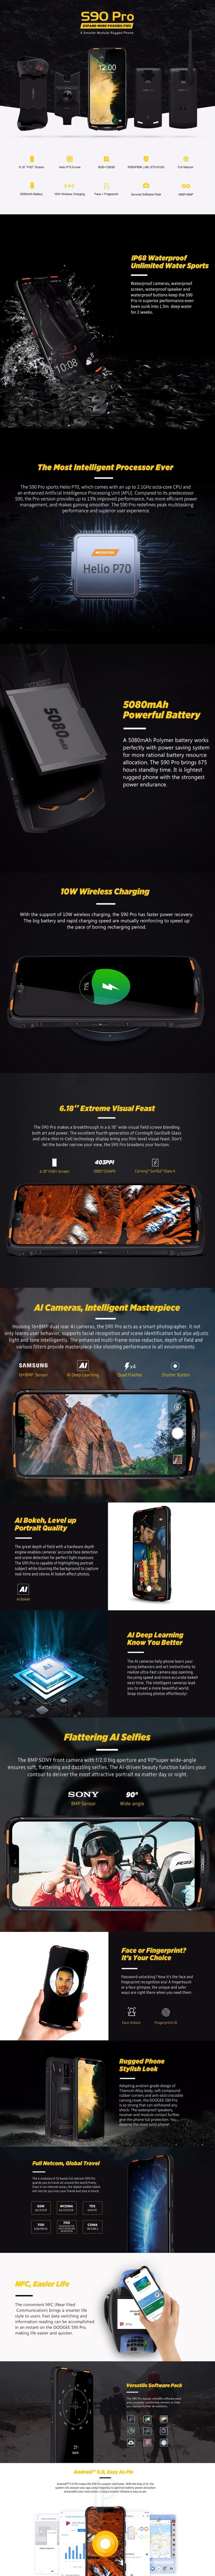 Prezentare-Doogee-S90-Pro776c2c42900c920a.jpg